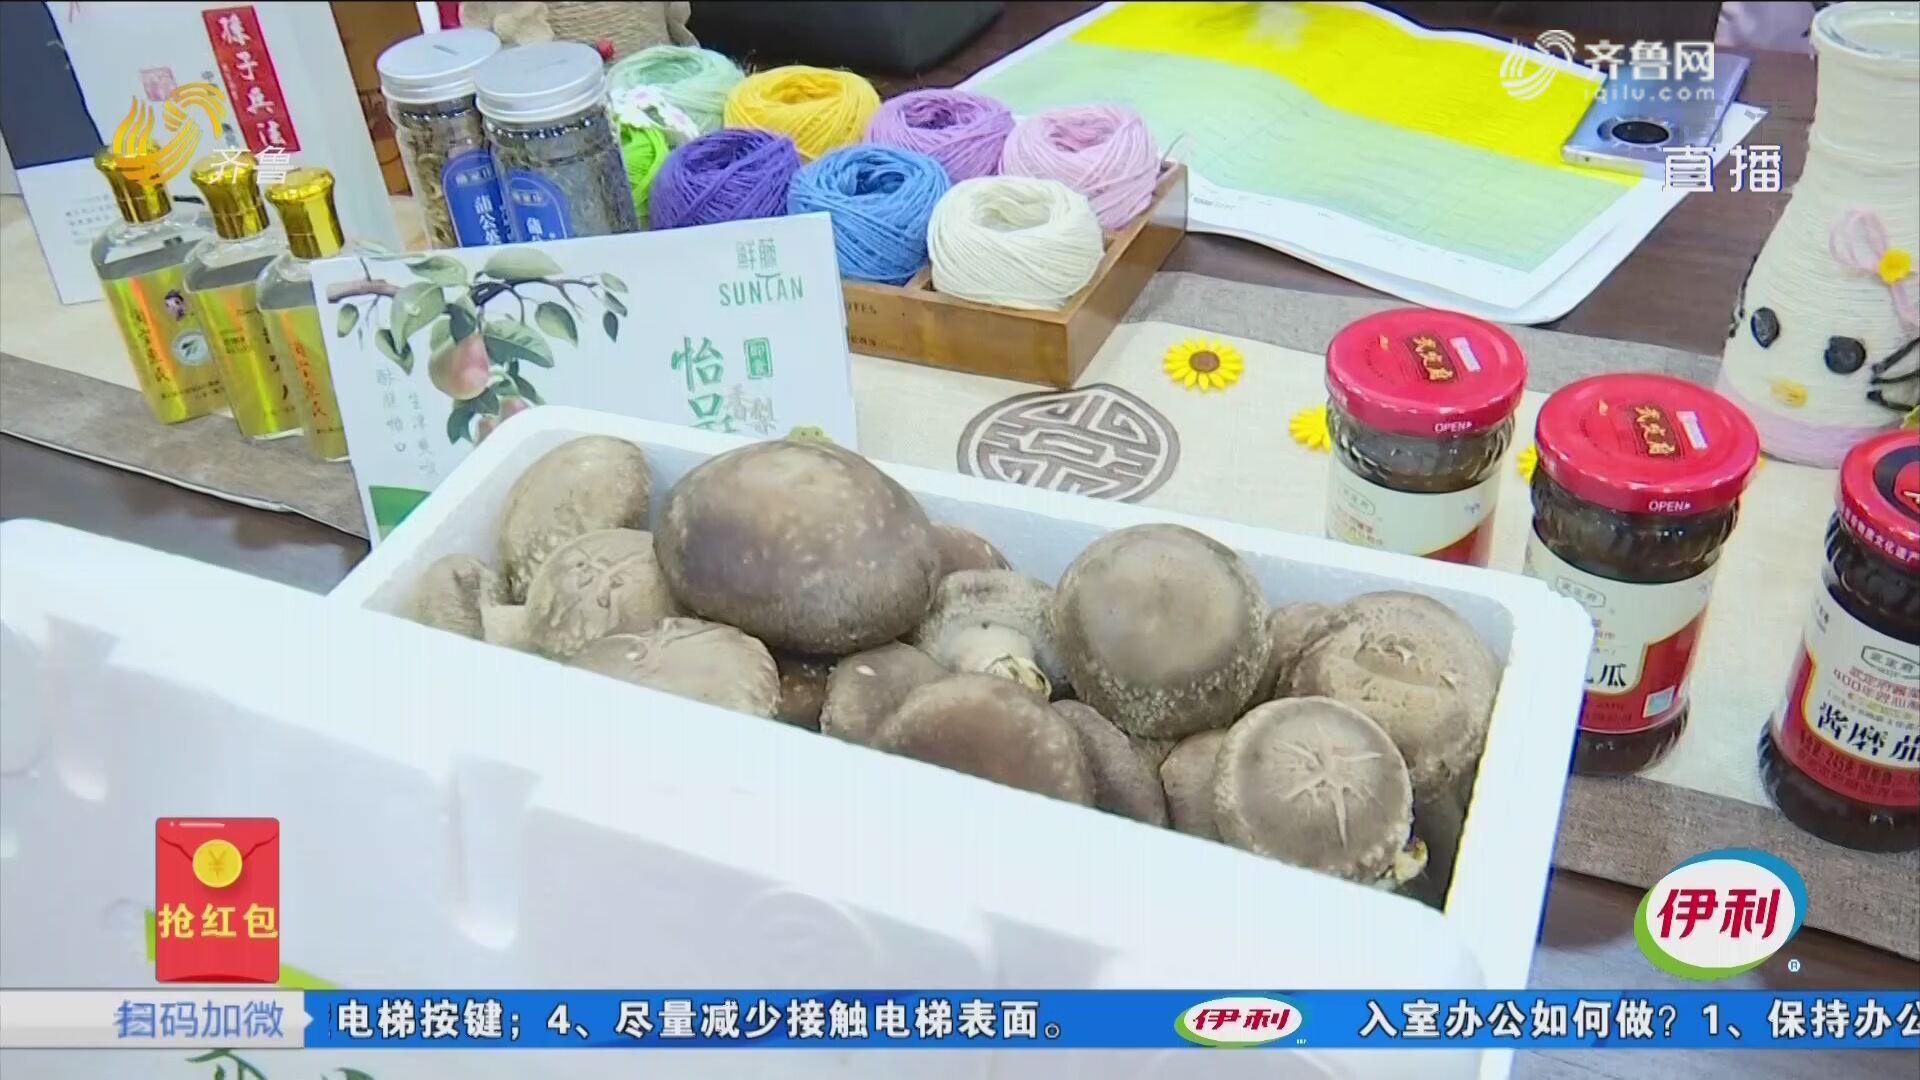 惠民:县委书记 要当网络主播